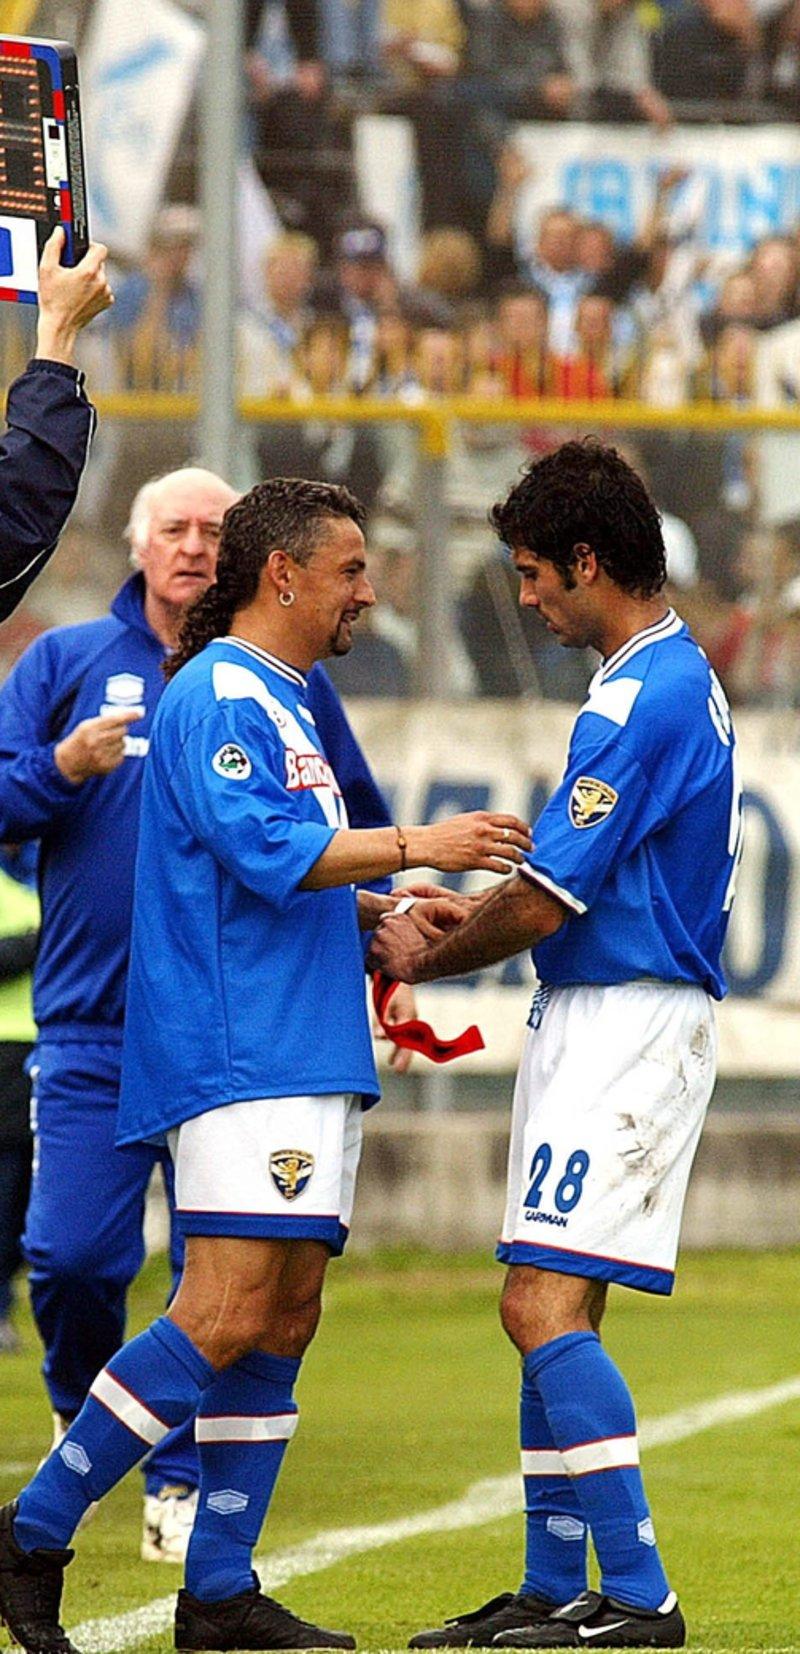 Pep Guardiola entregando el brazalete de capitán a Roberto Baggio, cuando compartieron equipo en el Brescia. Fuente: El Punt Avui